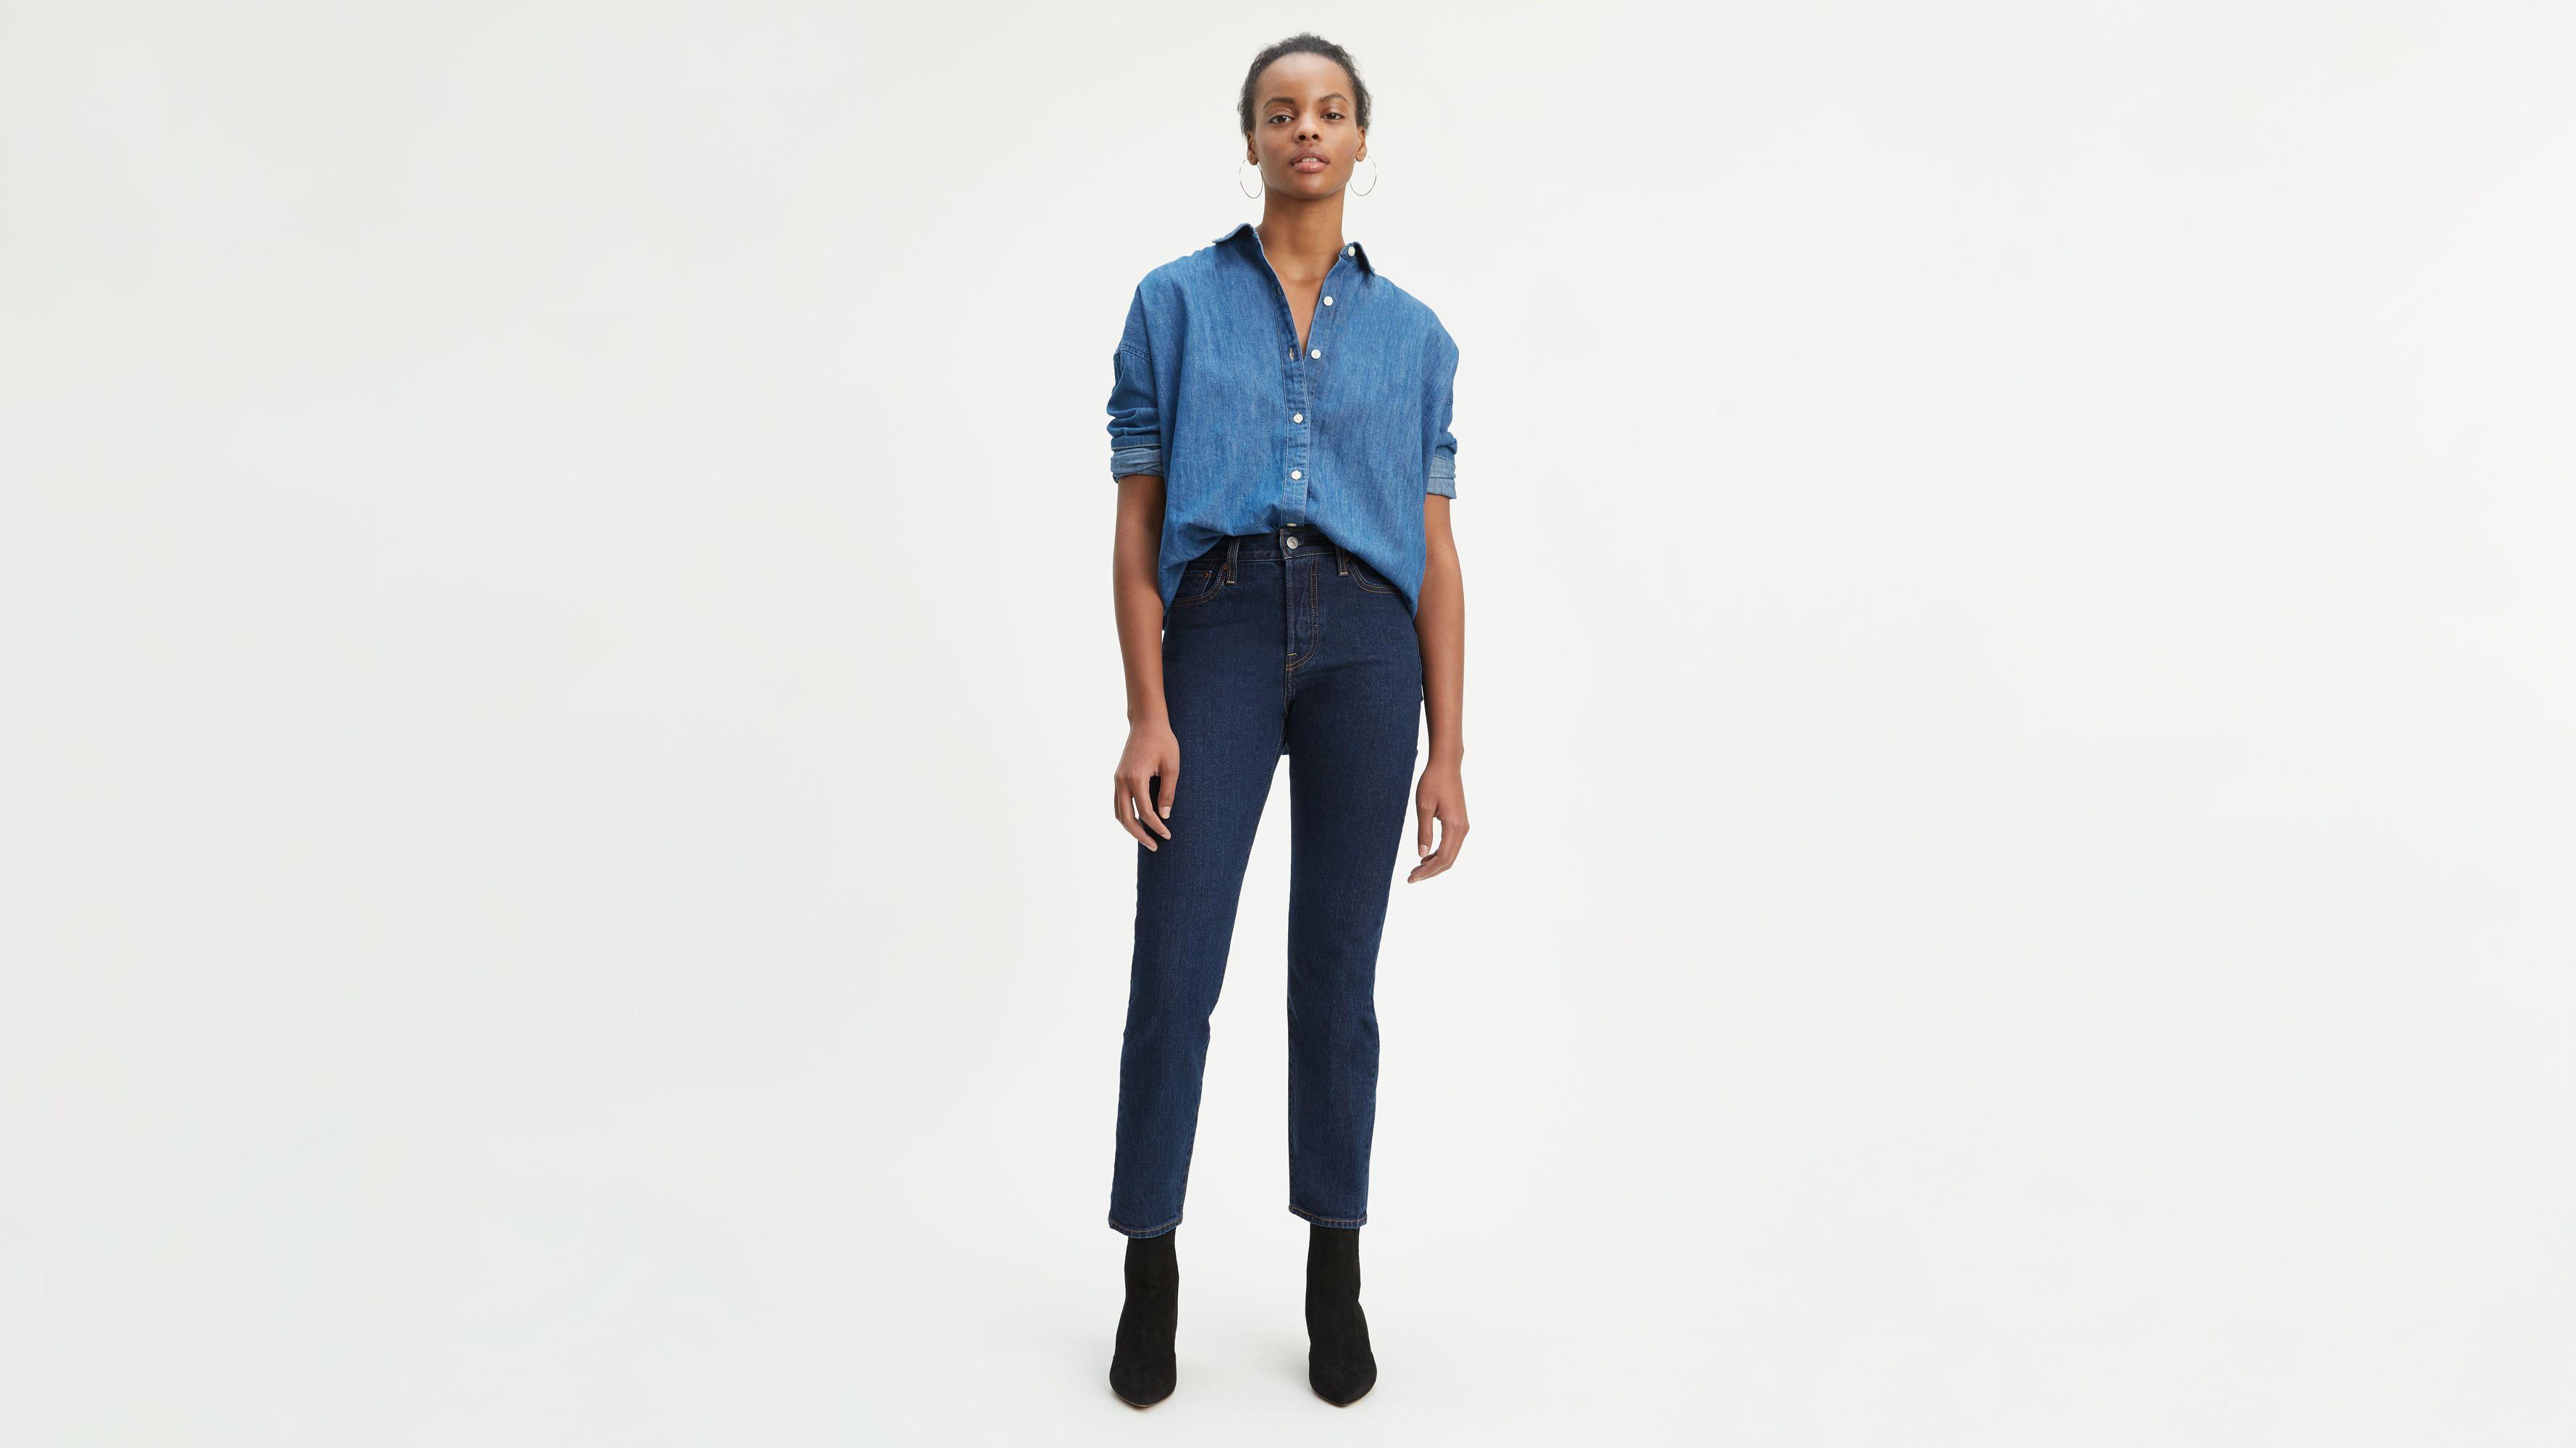 Des Jeans En Vente, Denim, Coton, 2017, 26 Levi's